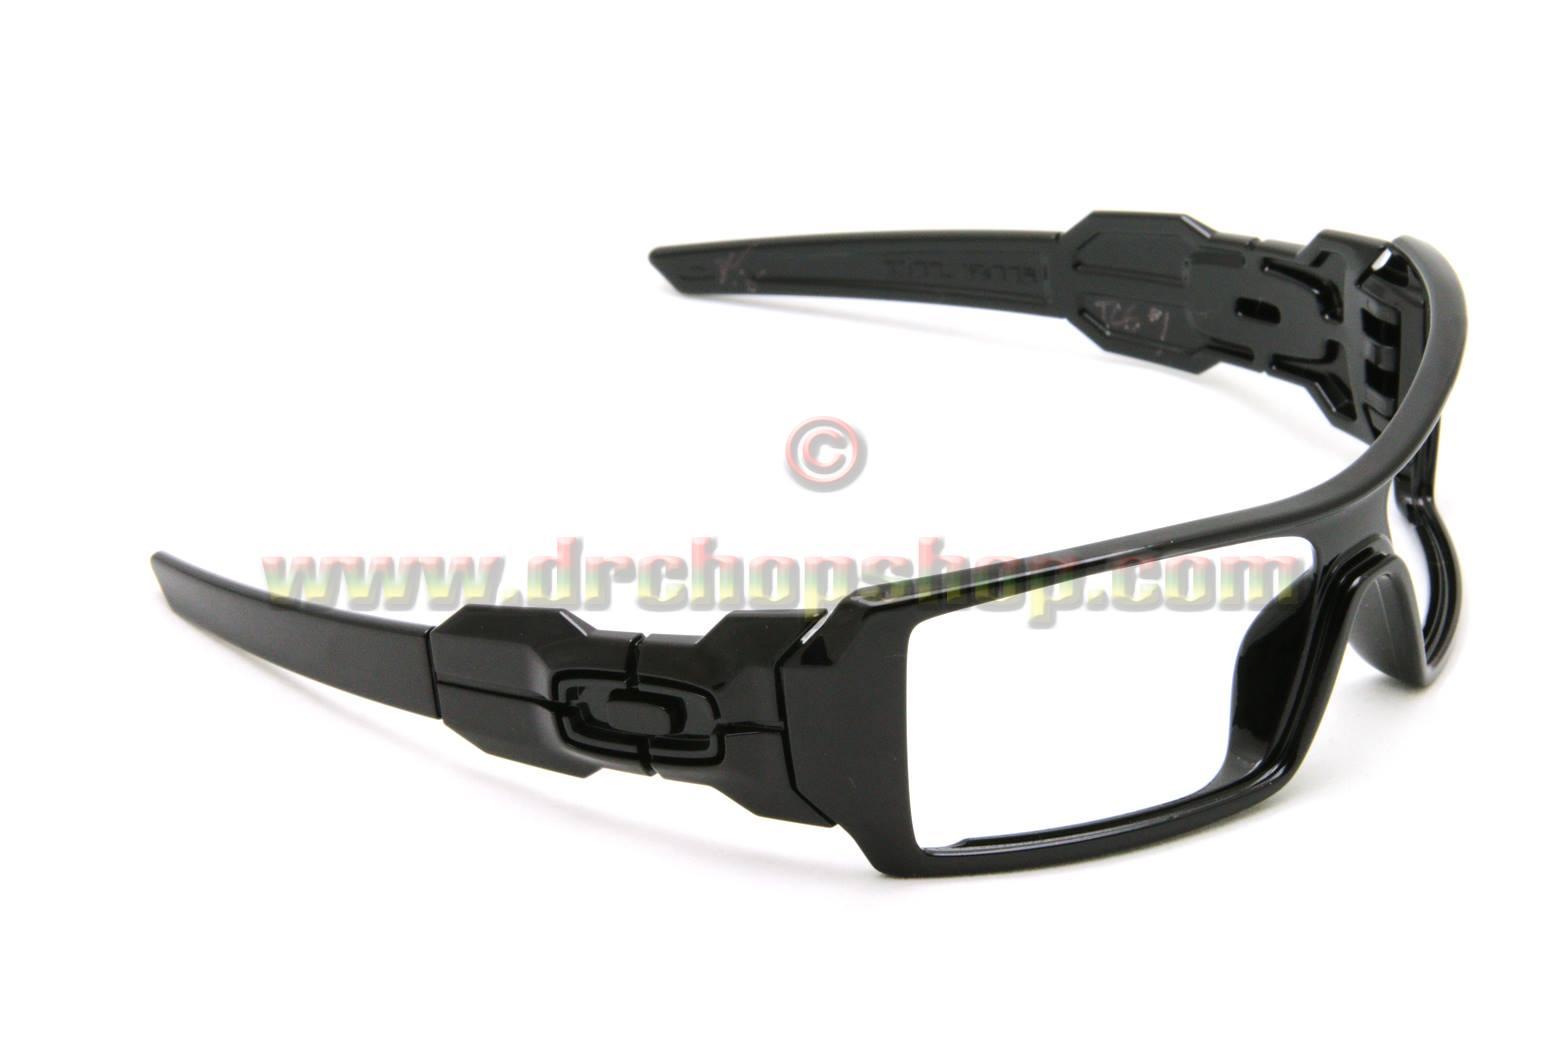 Eyepatch 2 - Broken Frame - 11416341_1037584166253269_1493497988745230829_o.jpg